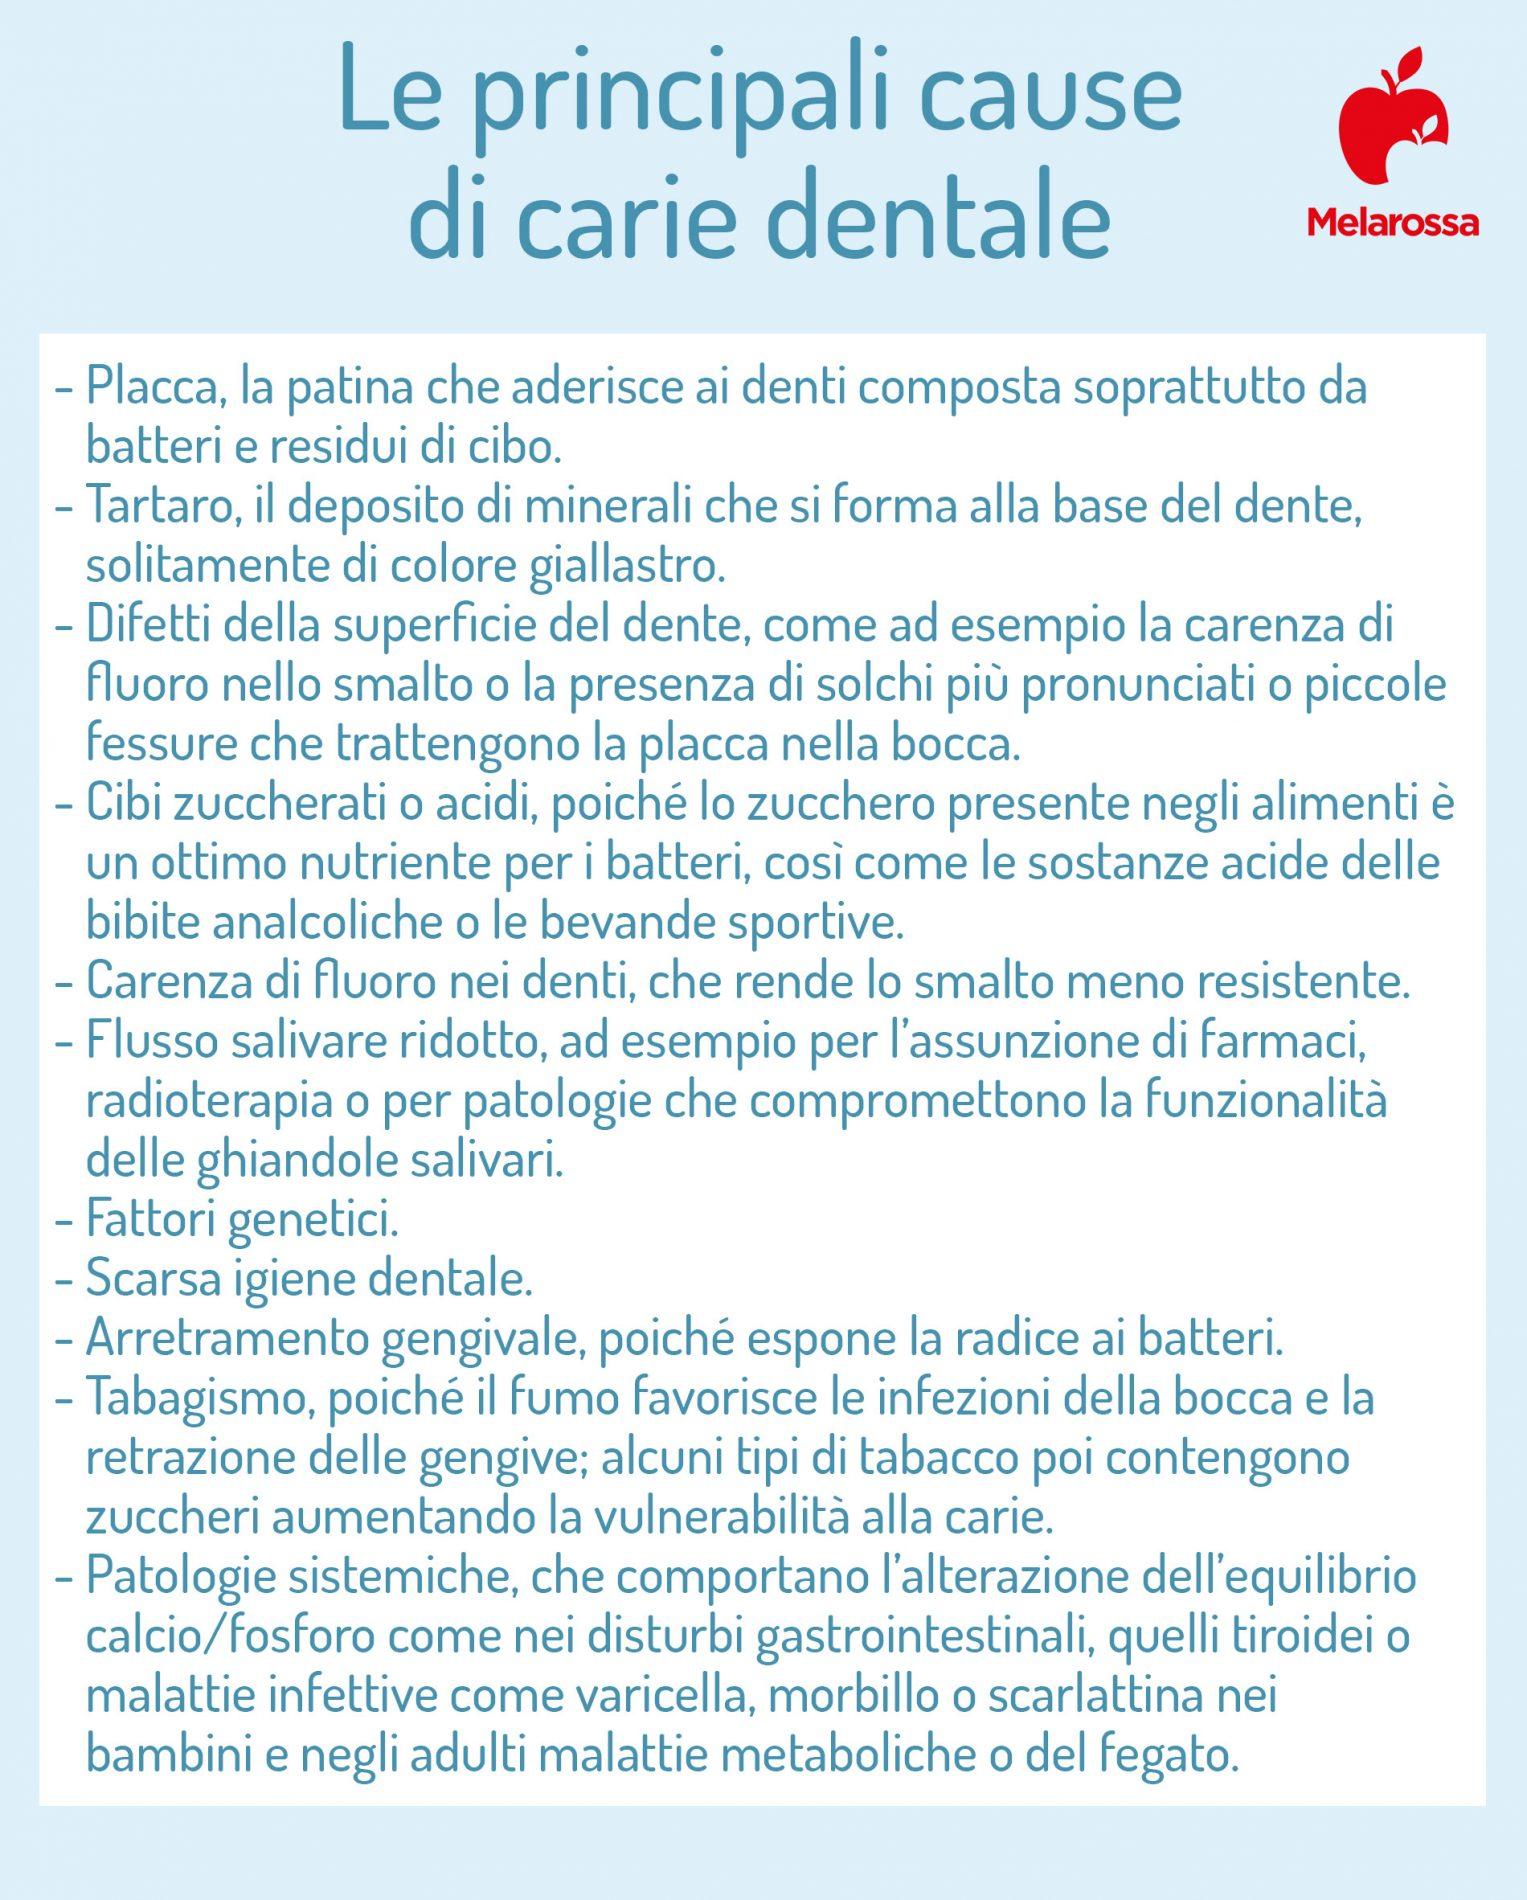 cause della carie dentale